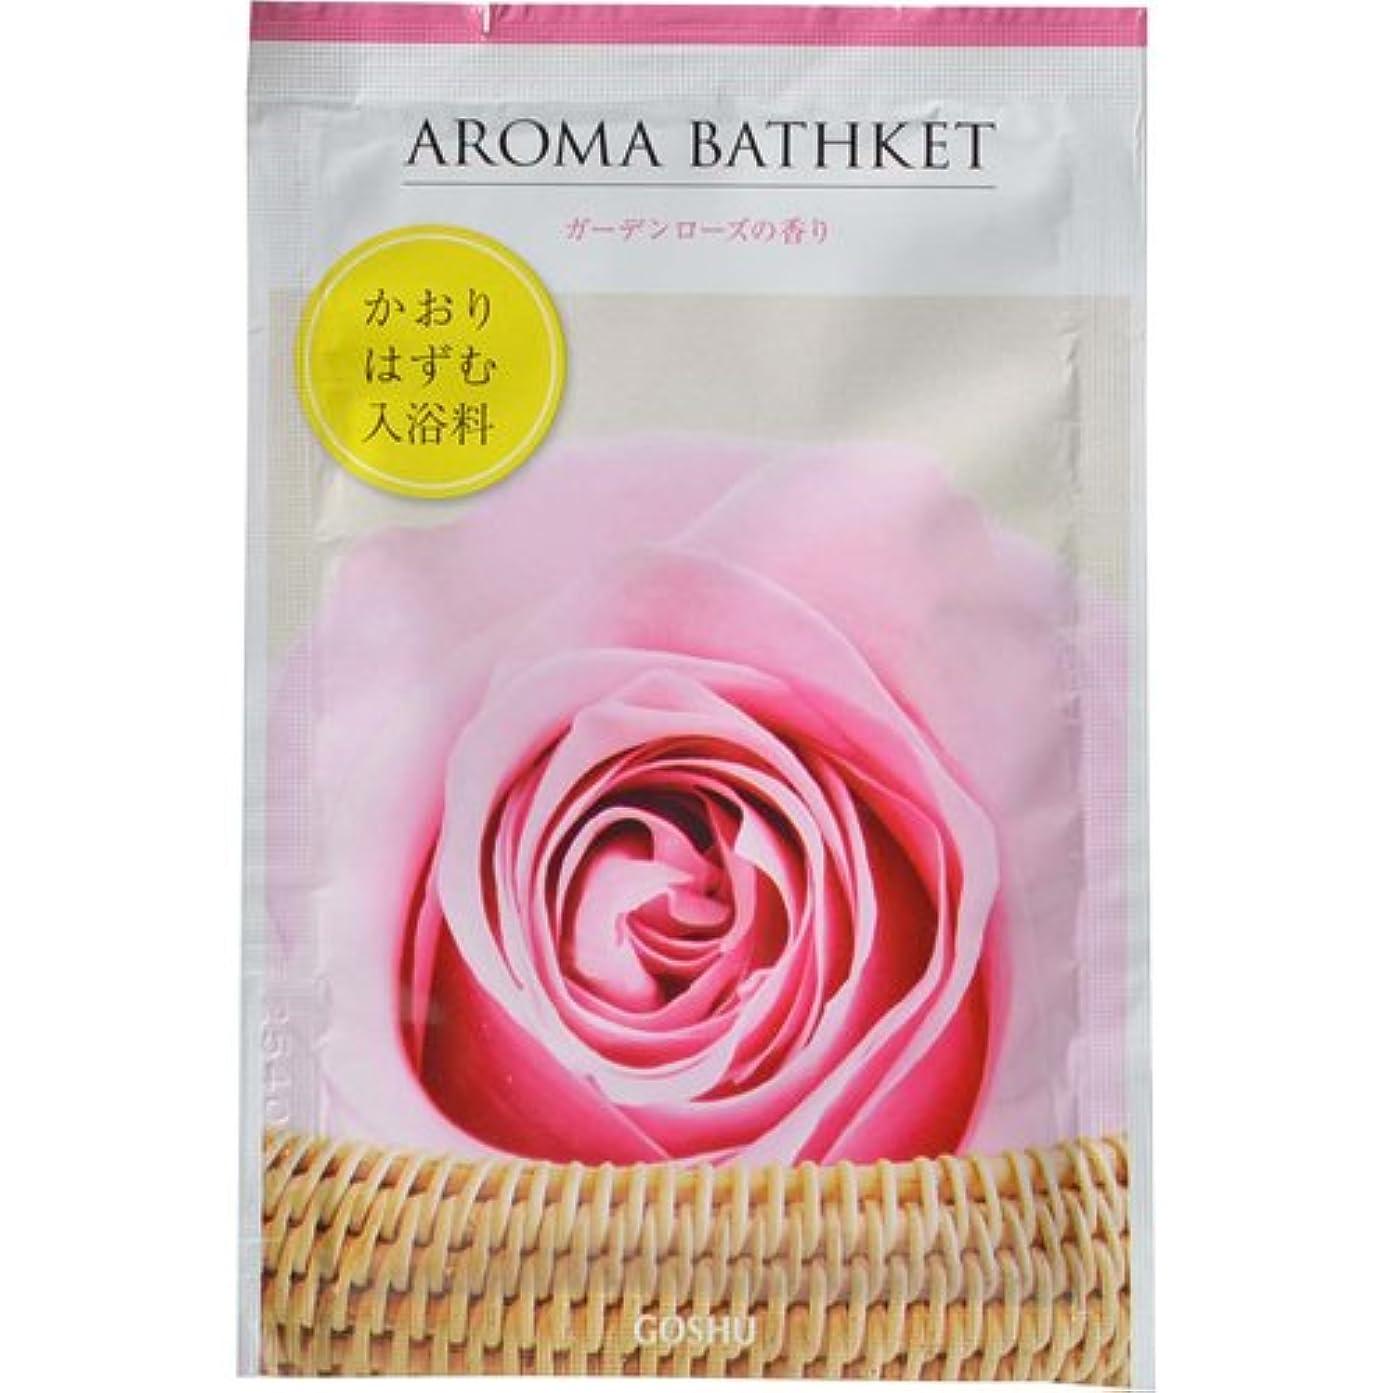 不正確アンデス山脈契約したアロマバスケット ガーデンローズの香り 25g